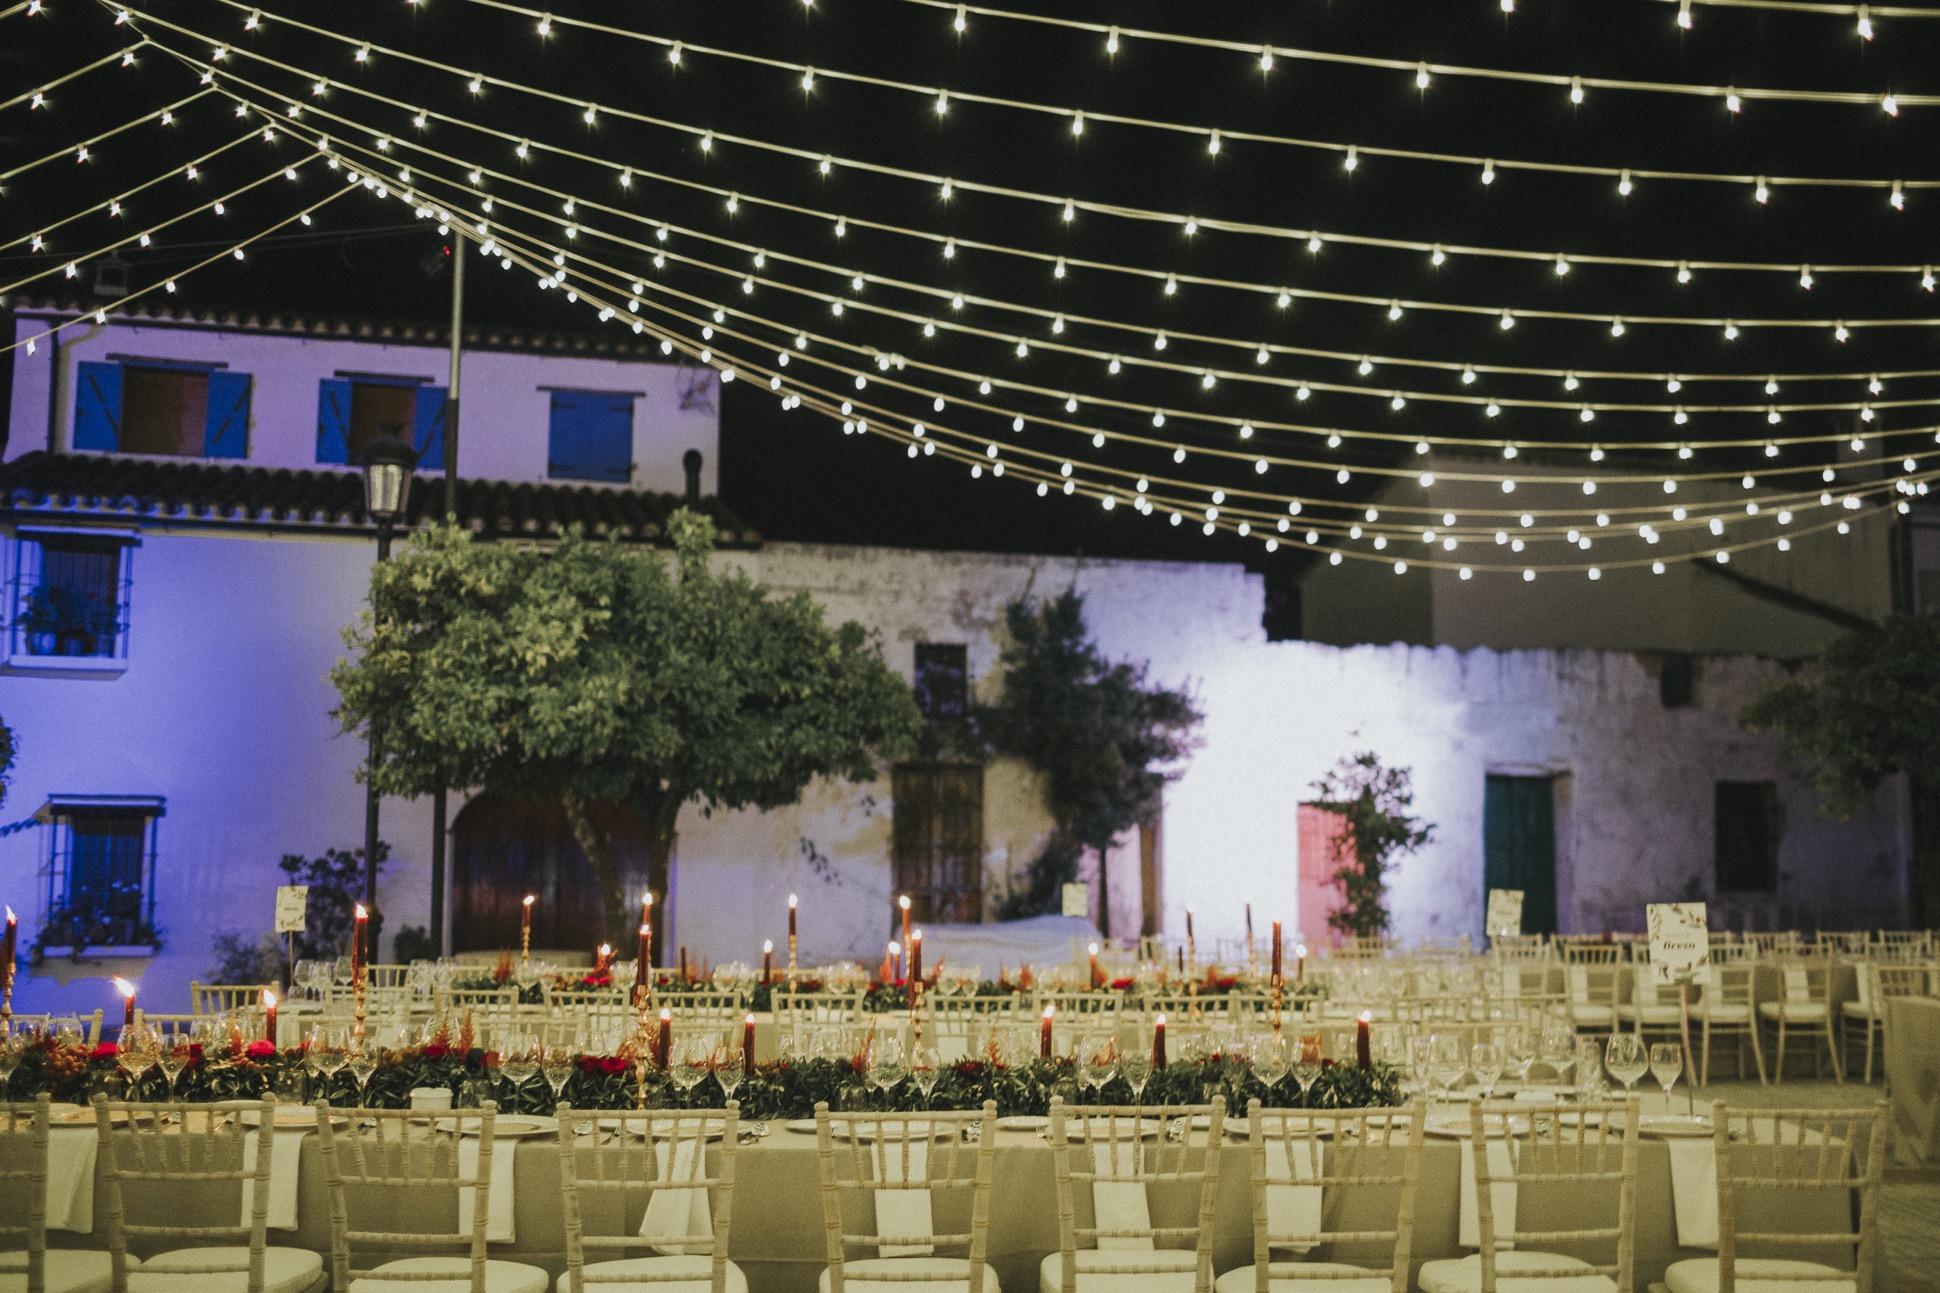 Si-Quiero-Wedding-Planner-By-Sira-Antequera-Bodas-Málaga-Marbella-Miami- Toñi-Jarri-8